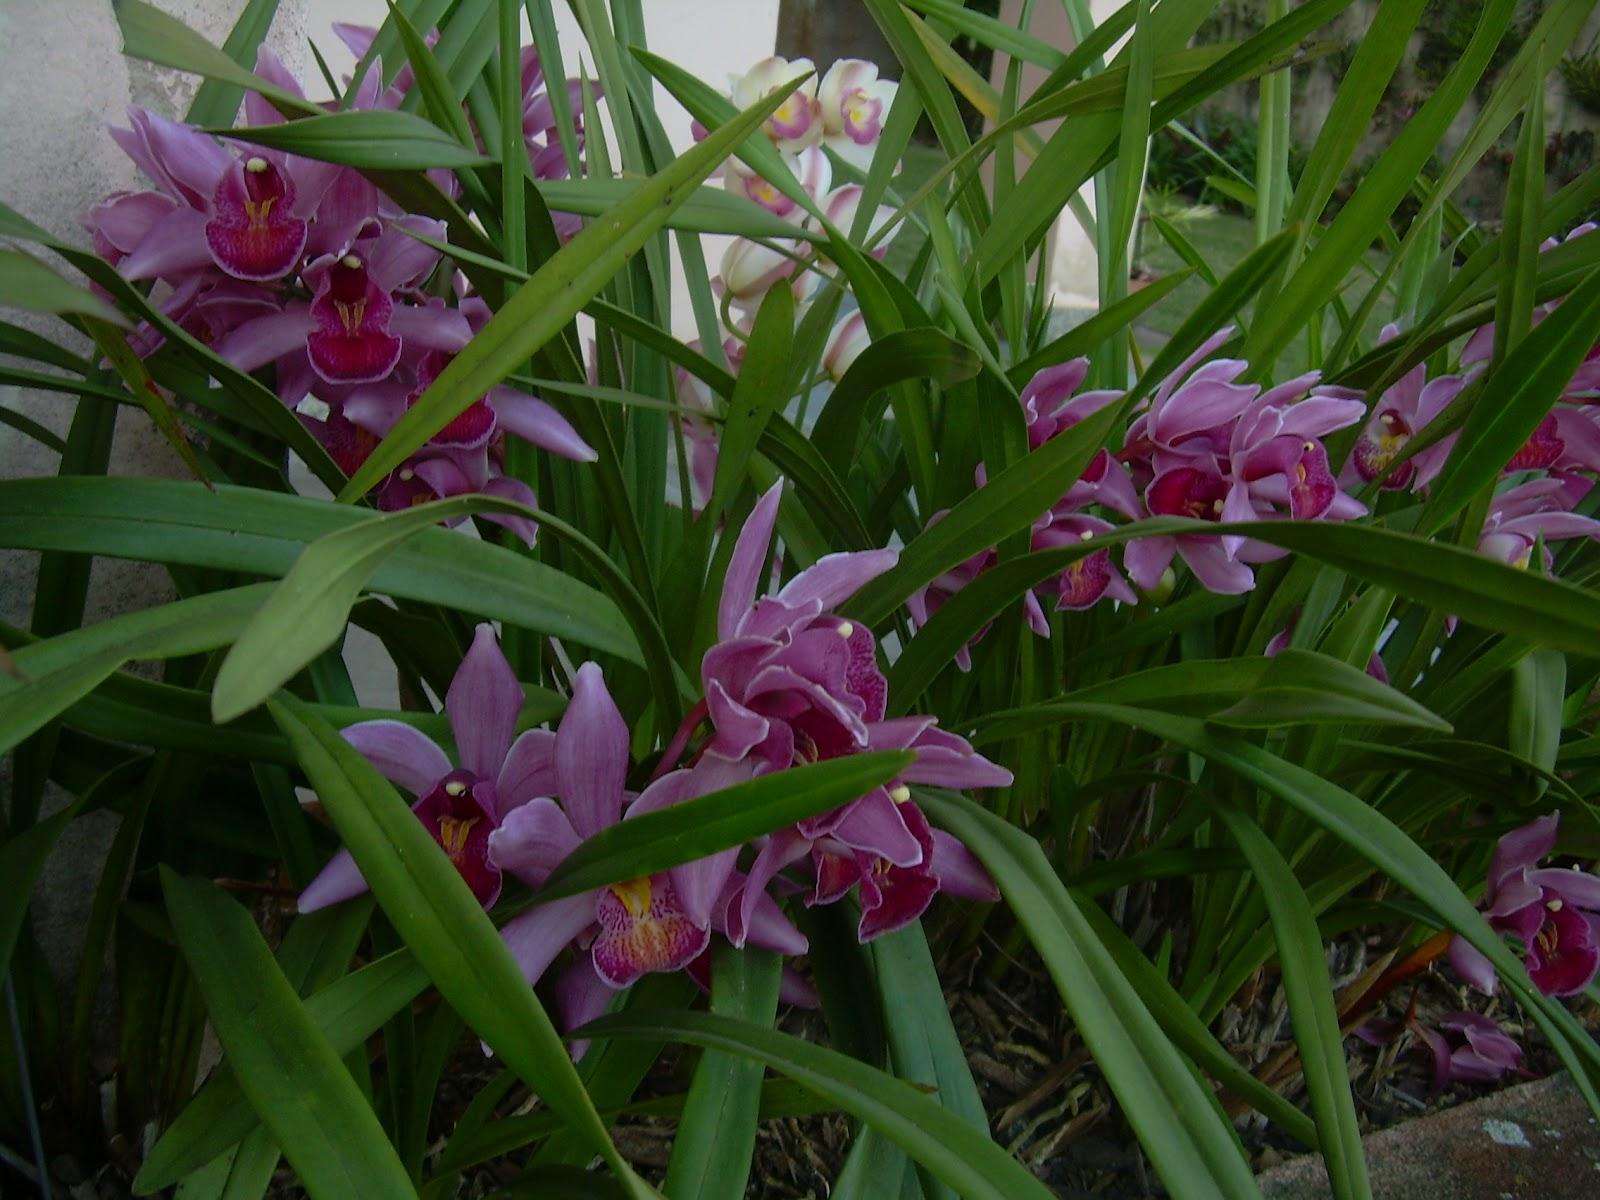 fotos de jardim tropical : fotos de jardim tropical:Veja mais fotos de jardins tropicais em: http://www.mariaidasaudade